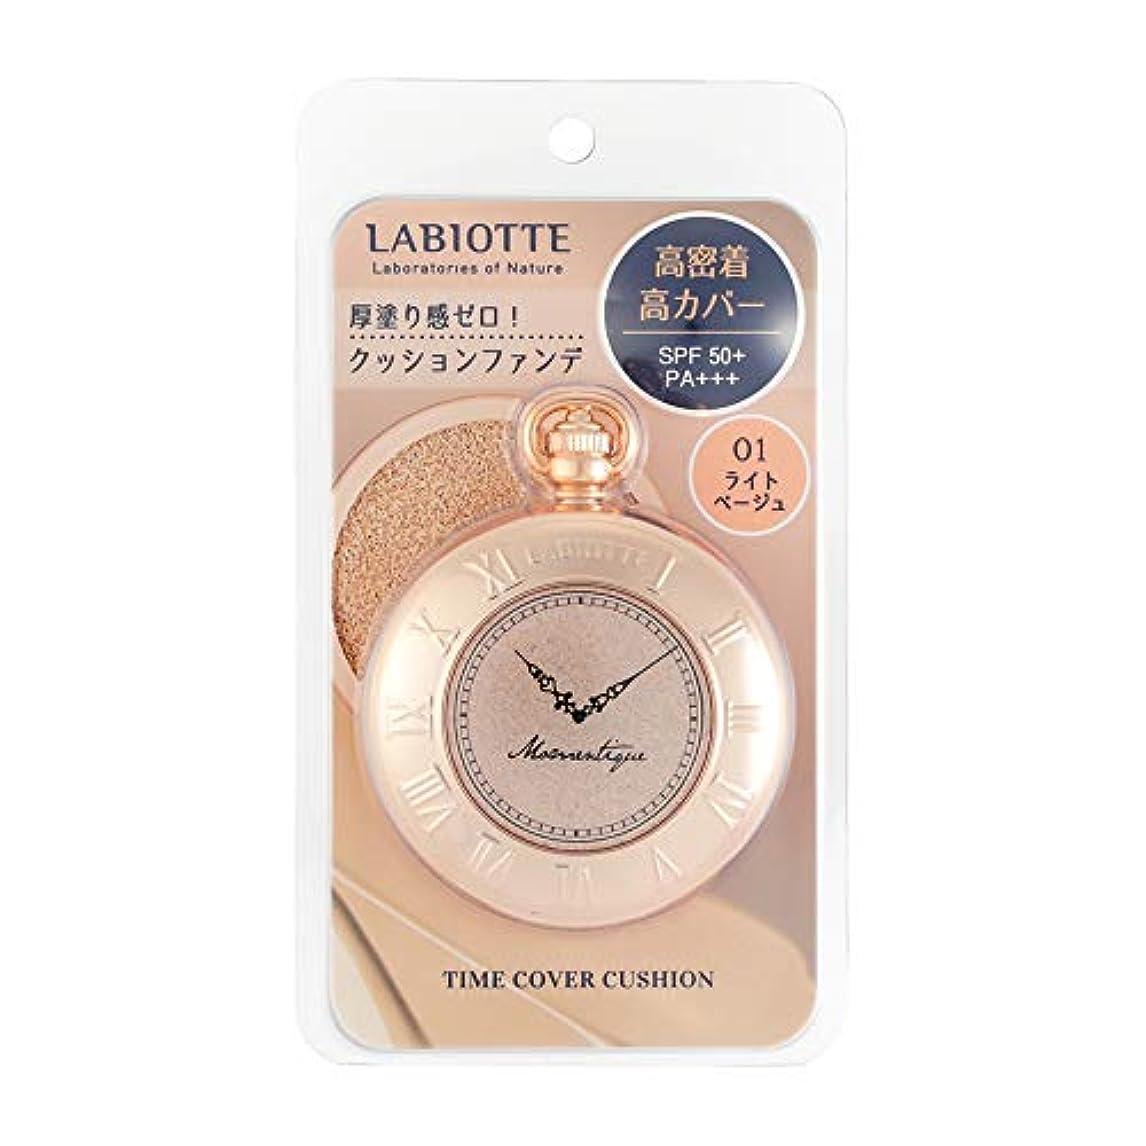 極めてディスカウント邪魔LABIOTTE(ラビオッテ) タイムカバークッションファンデ 01 ライトベージュ (13g)